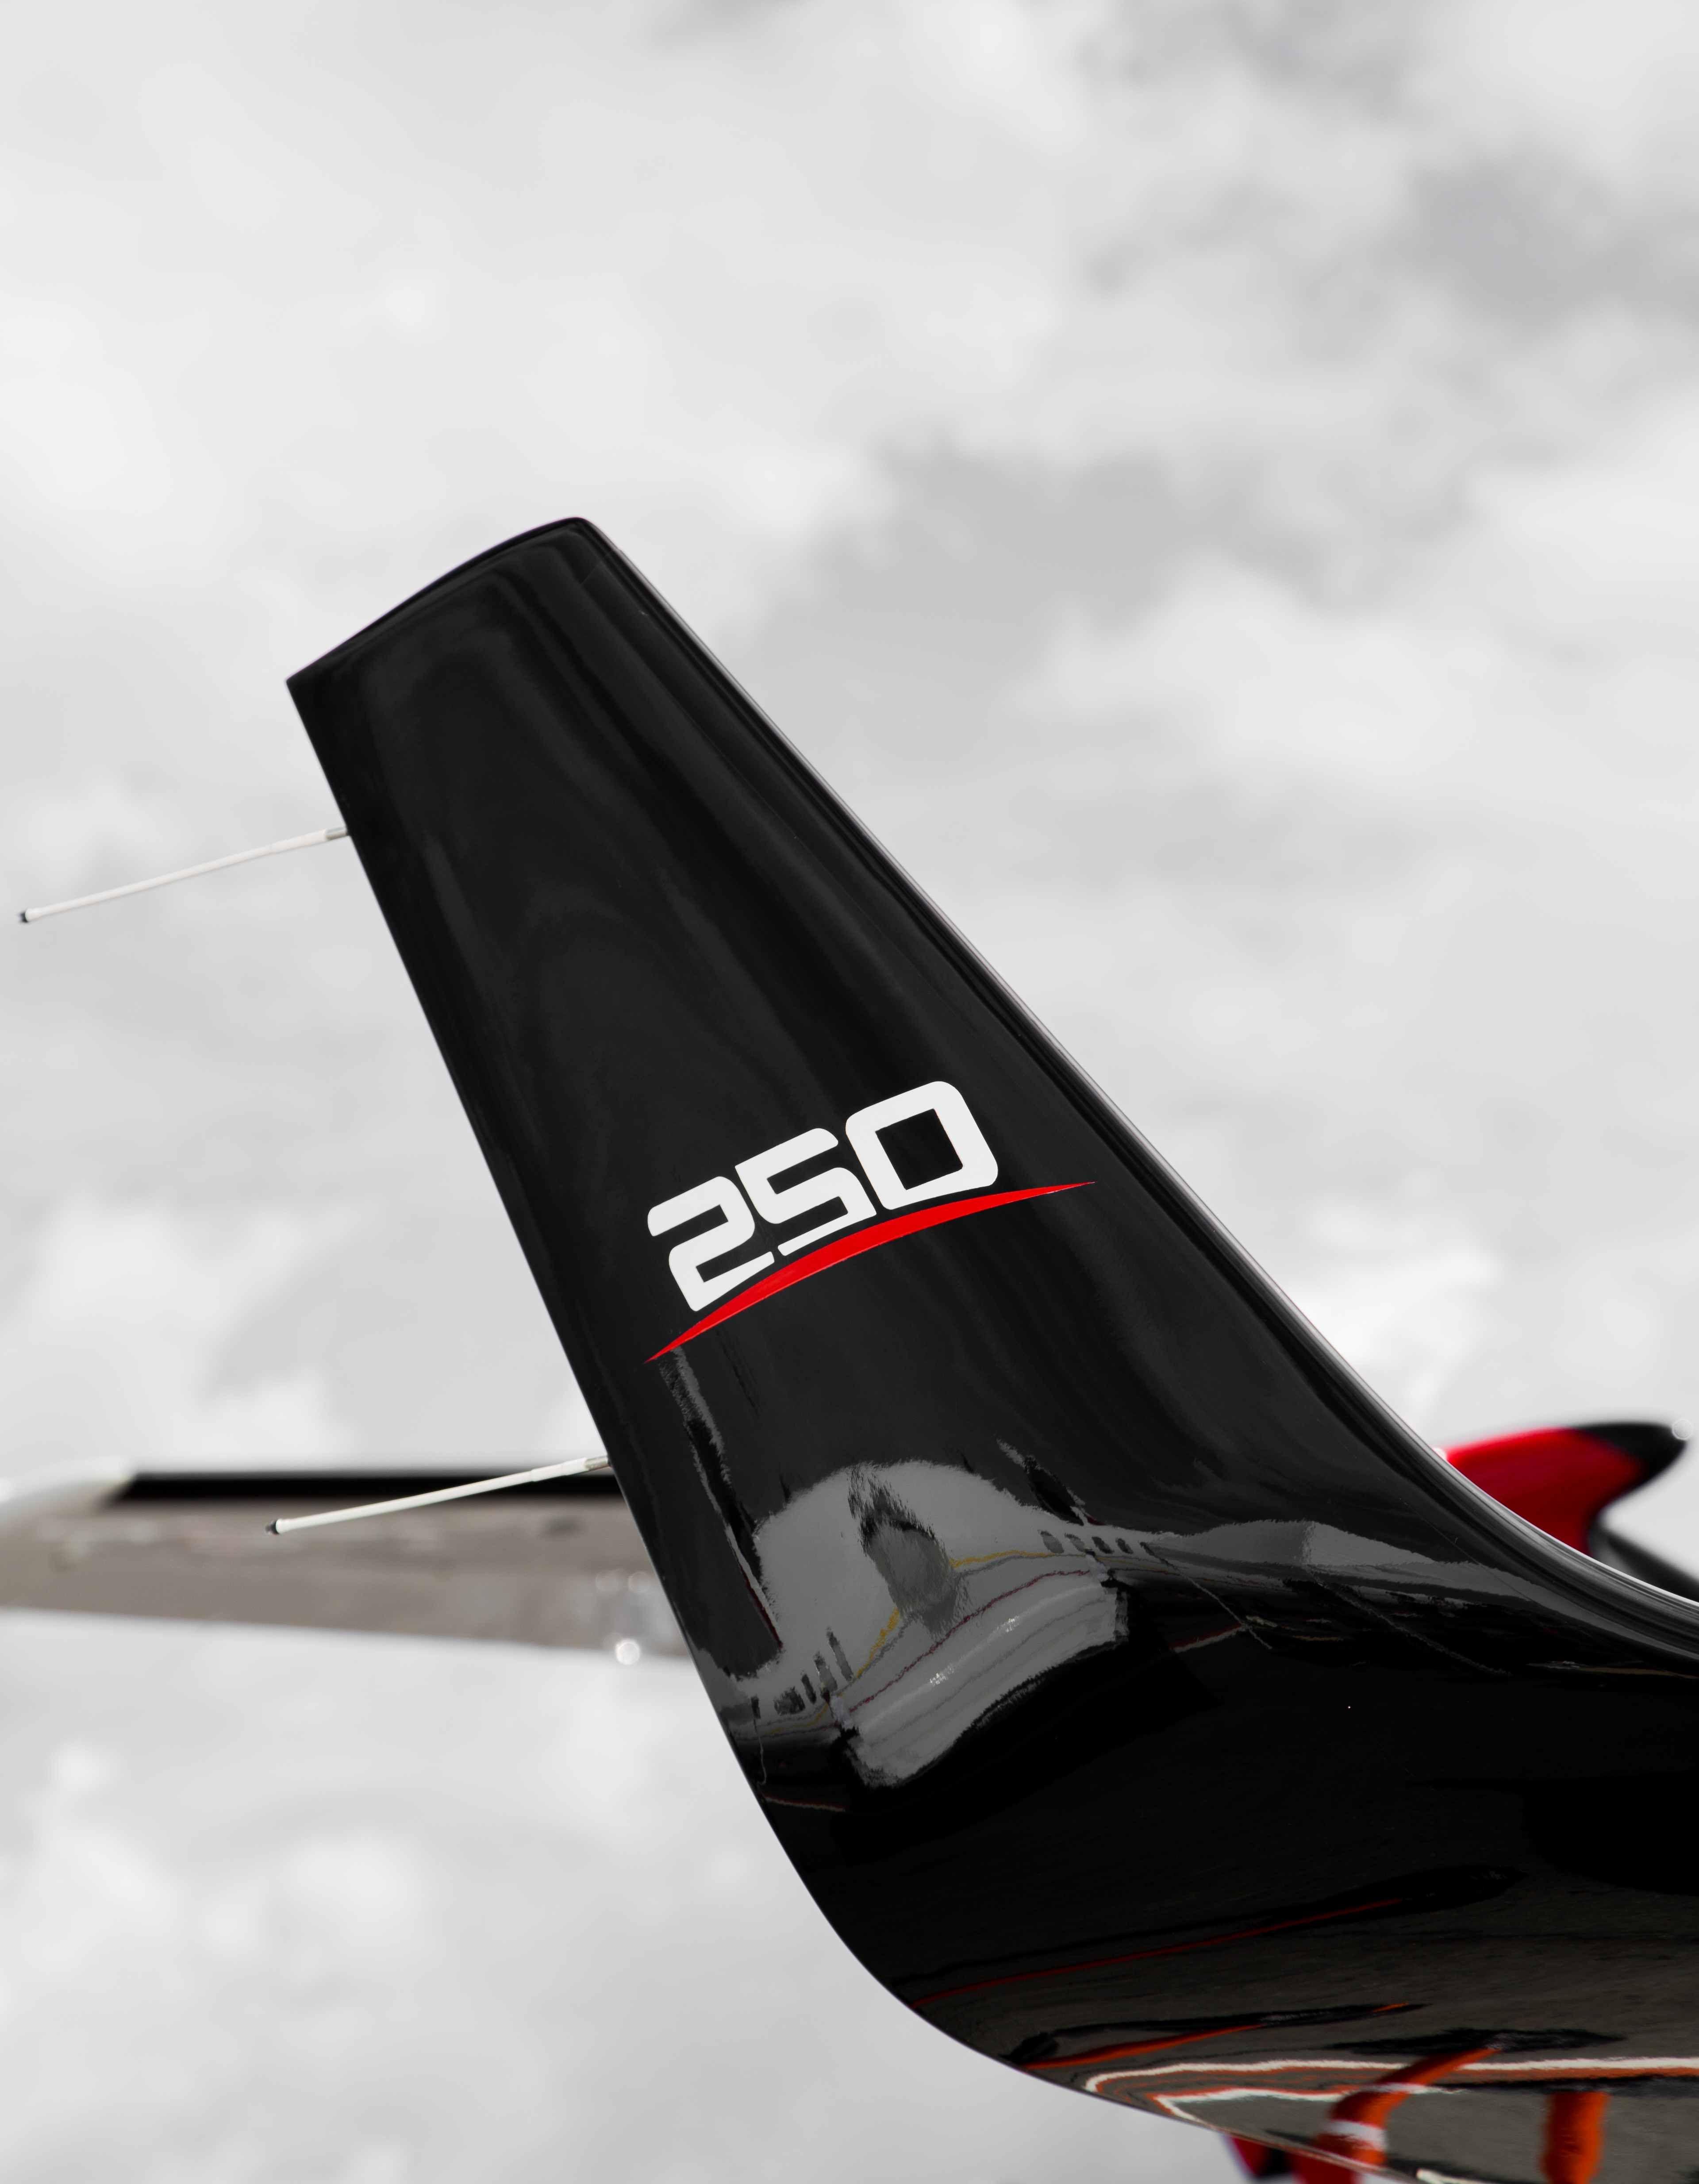 Beechcraft B 250 Winglet Fighter jets, Aviation, Aerospace